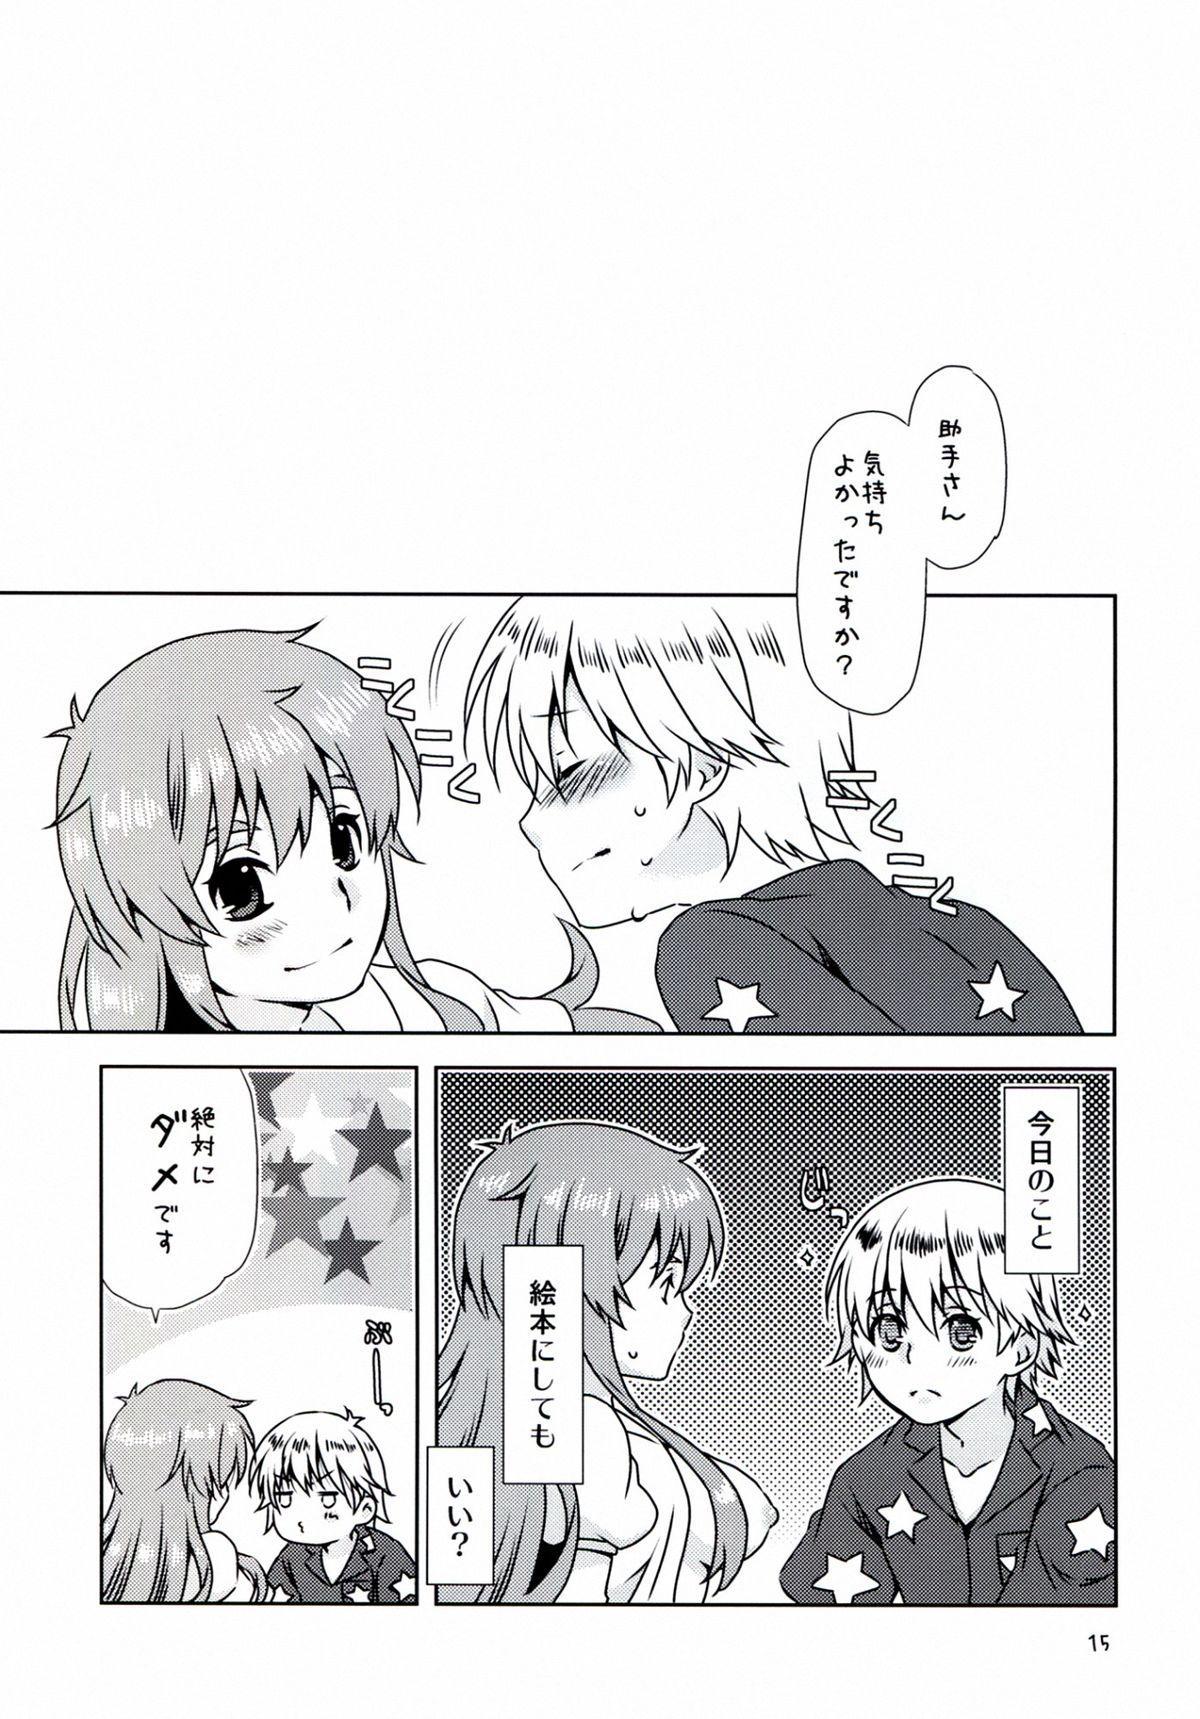 Ningen-san no, Seishoku Katsudou 14